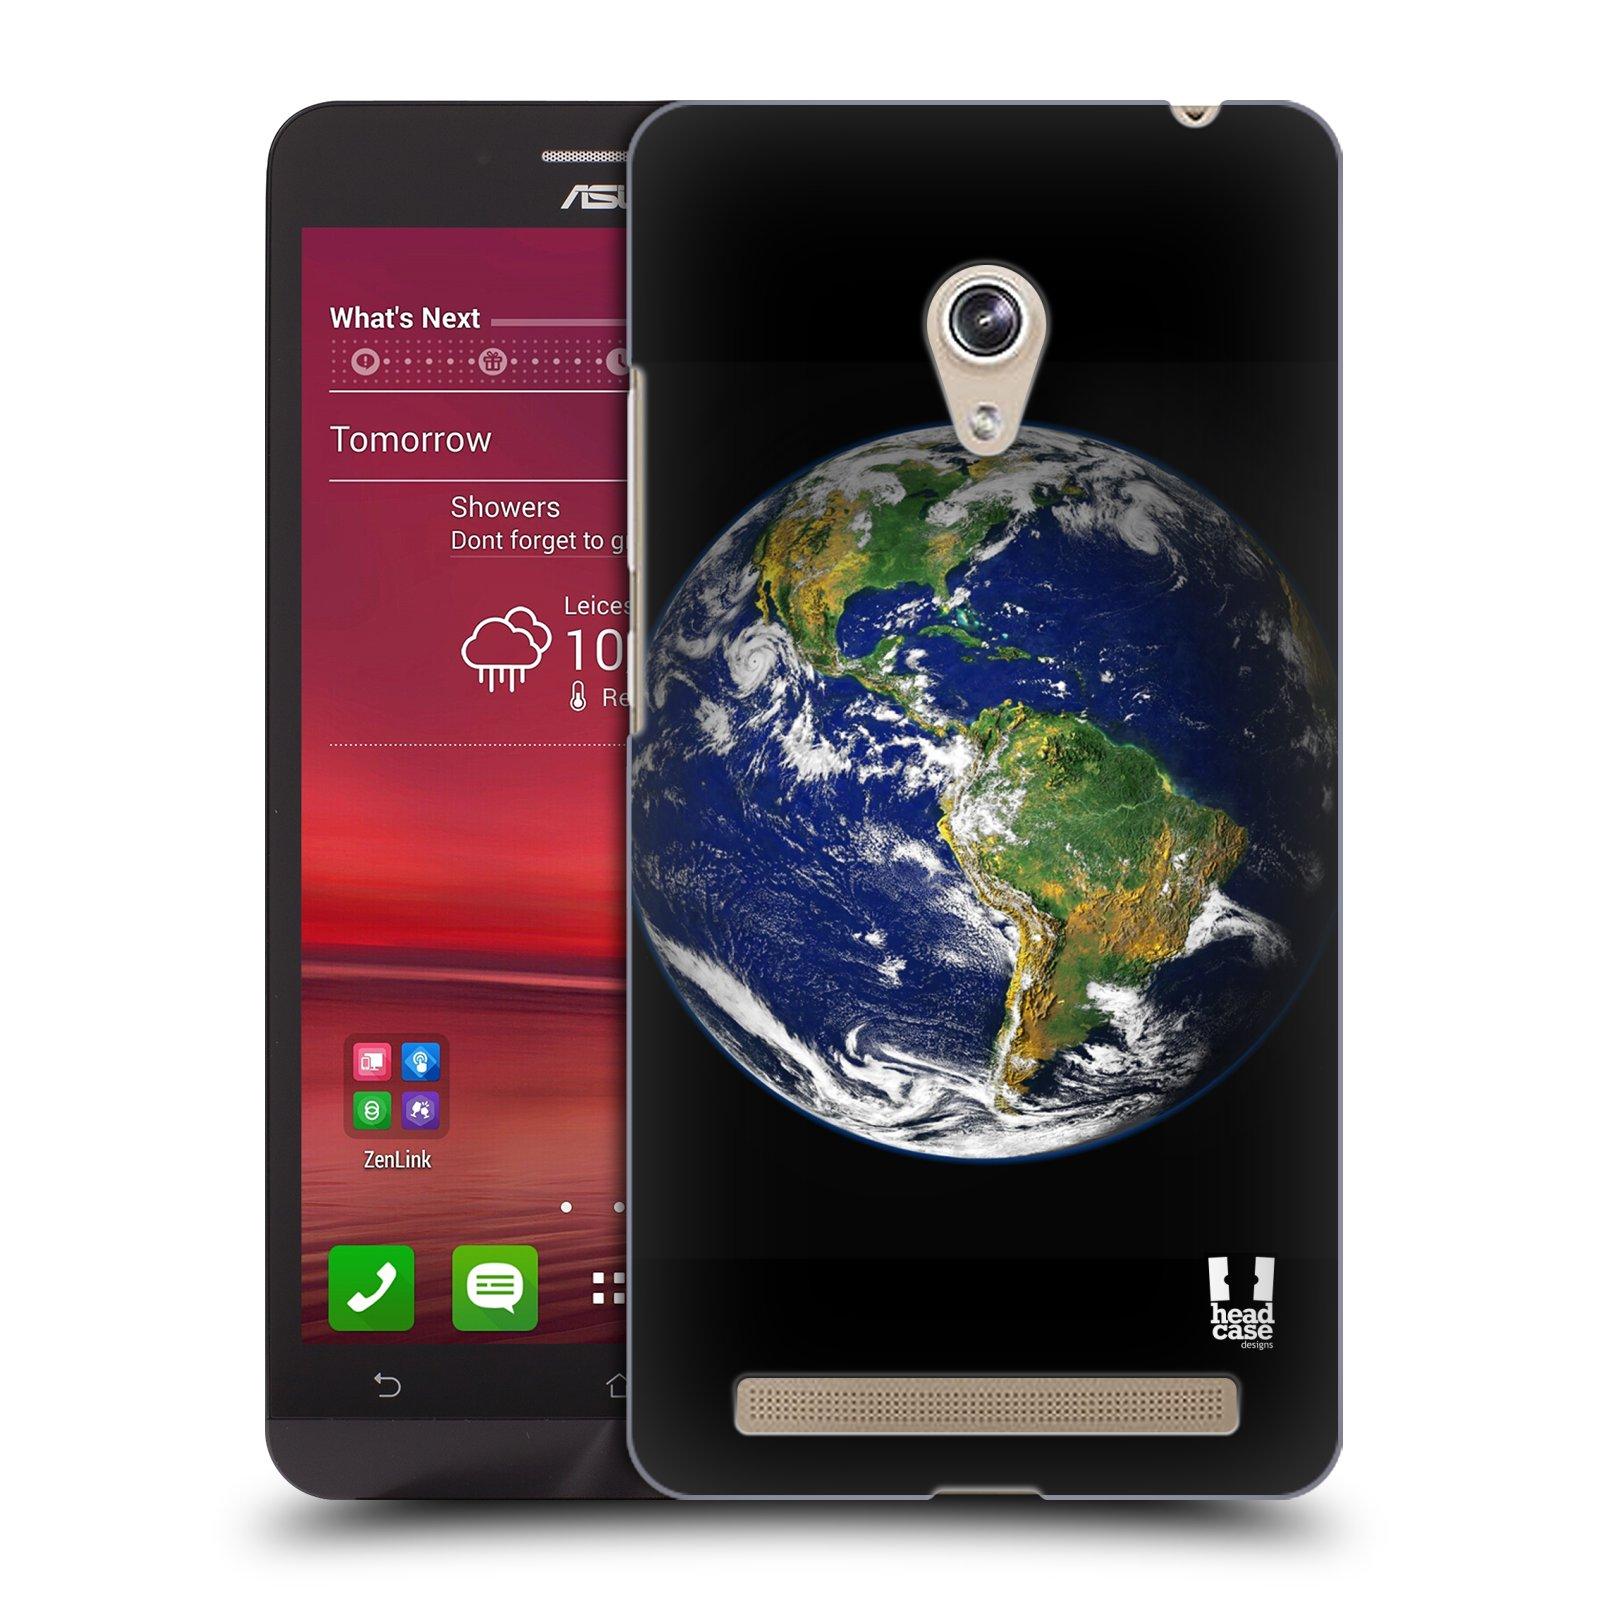 HEAD CASE plastový obal na mobil Asus Zenfone 6 vzor Vesmírná krása ZEMĚ